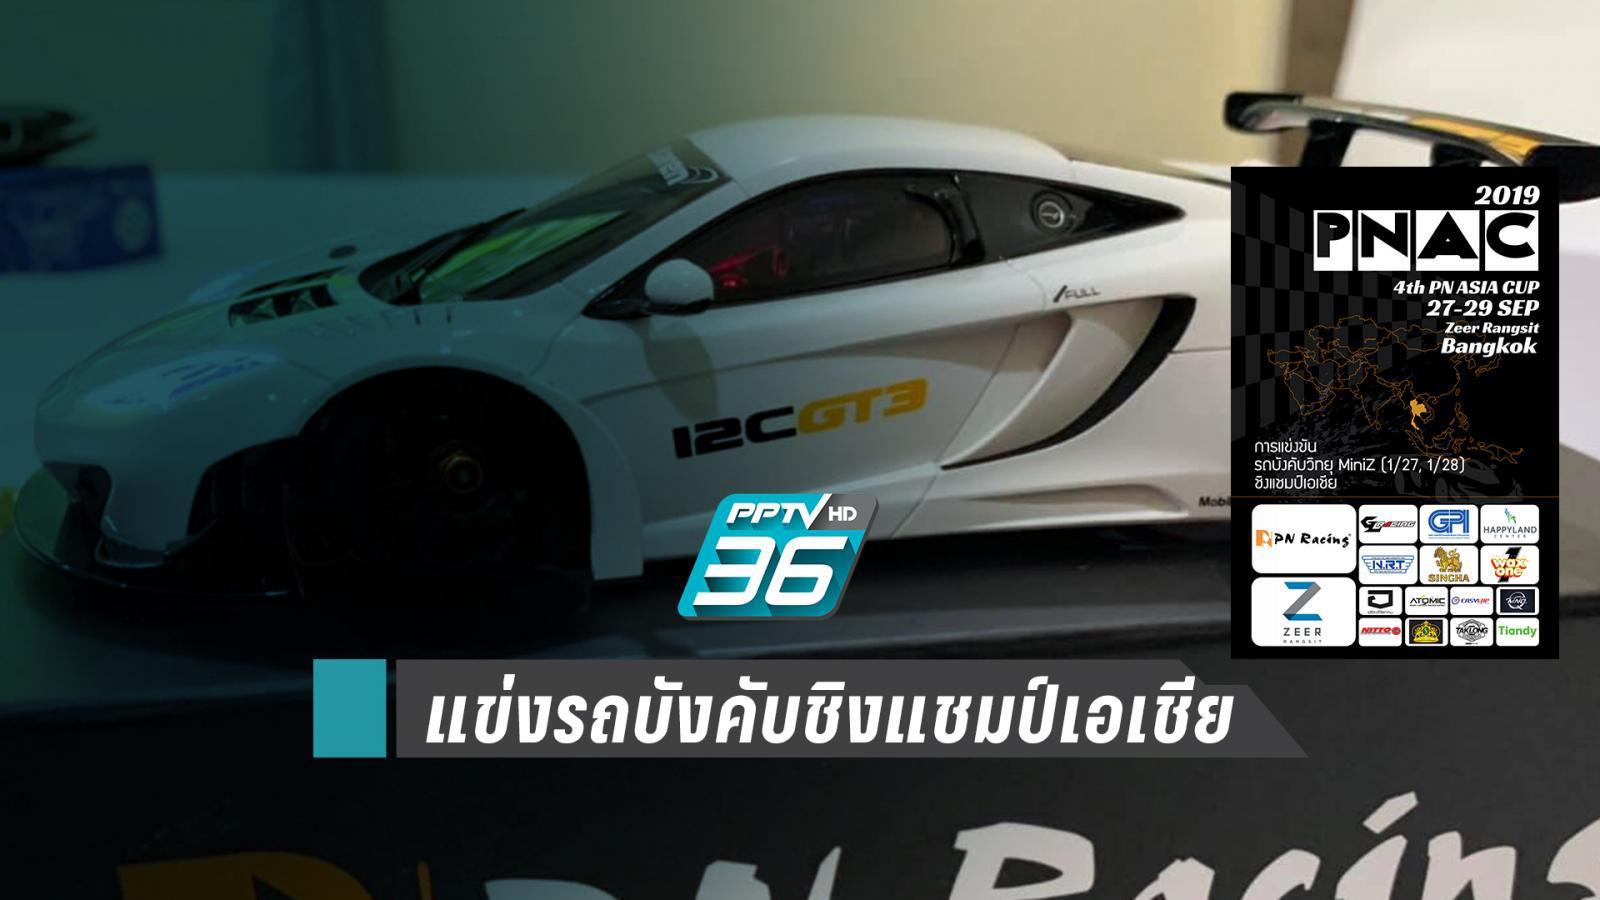 ไทยจัดแข่งรถบังคับวิทยุสเกลเล็ก (MiniZ) ชิงแชมป์เอเชีย PNAC 2019